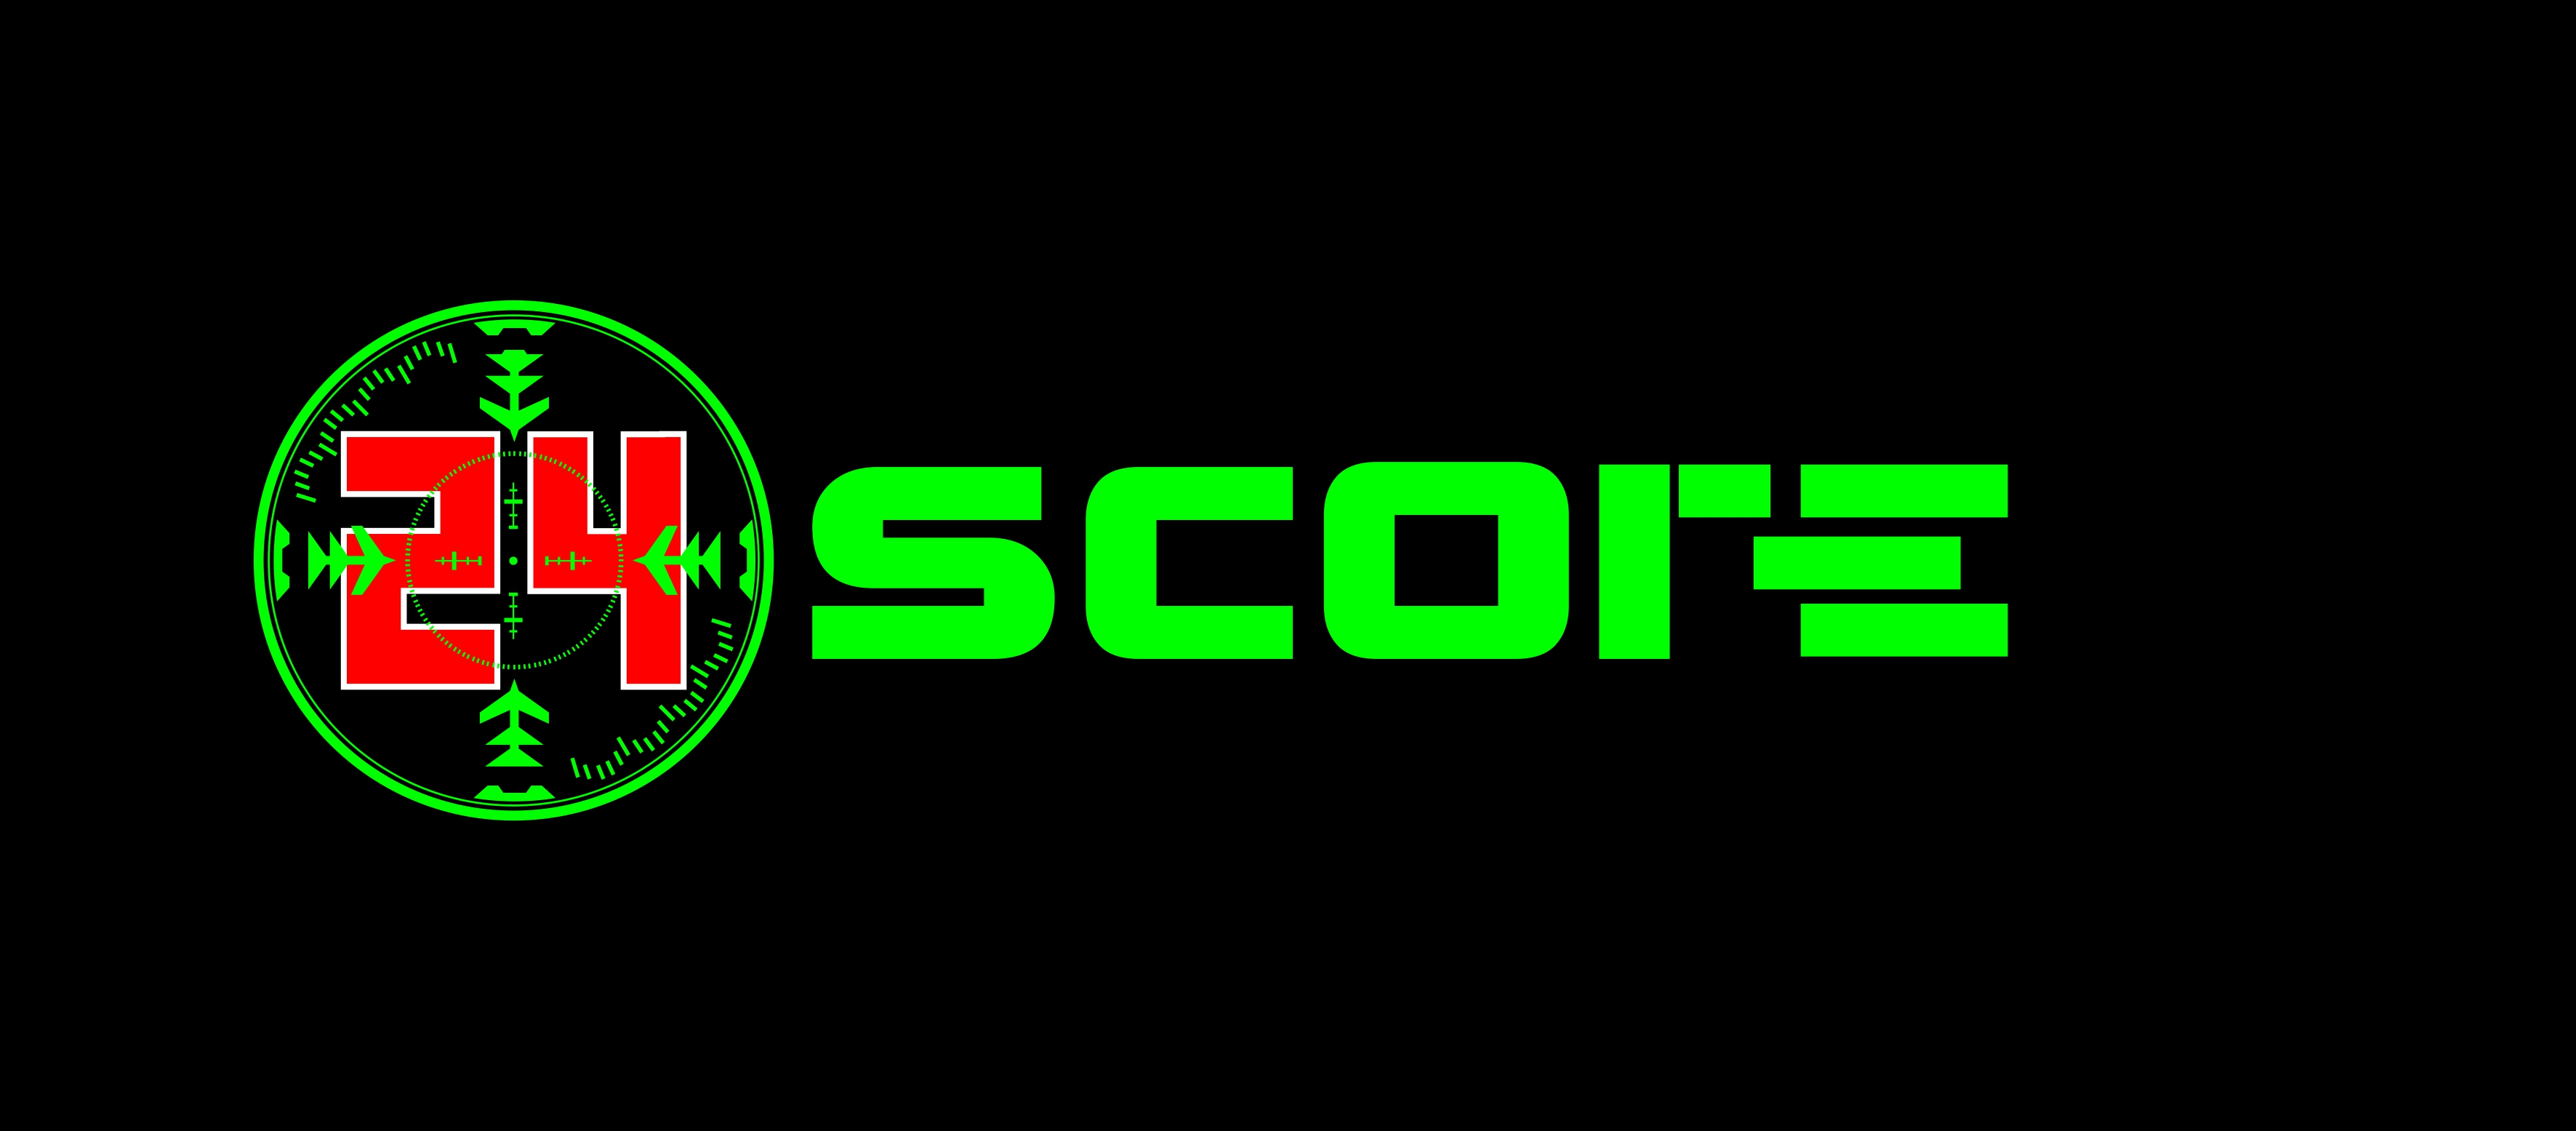 Разработка логотипа для бара! фото f_0205dcf0a6256aa3.jpg